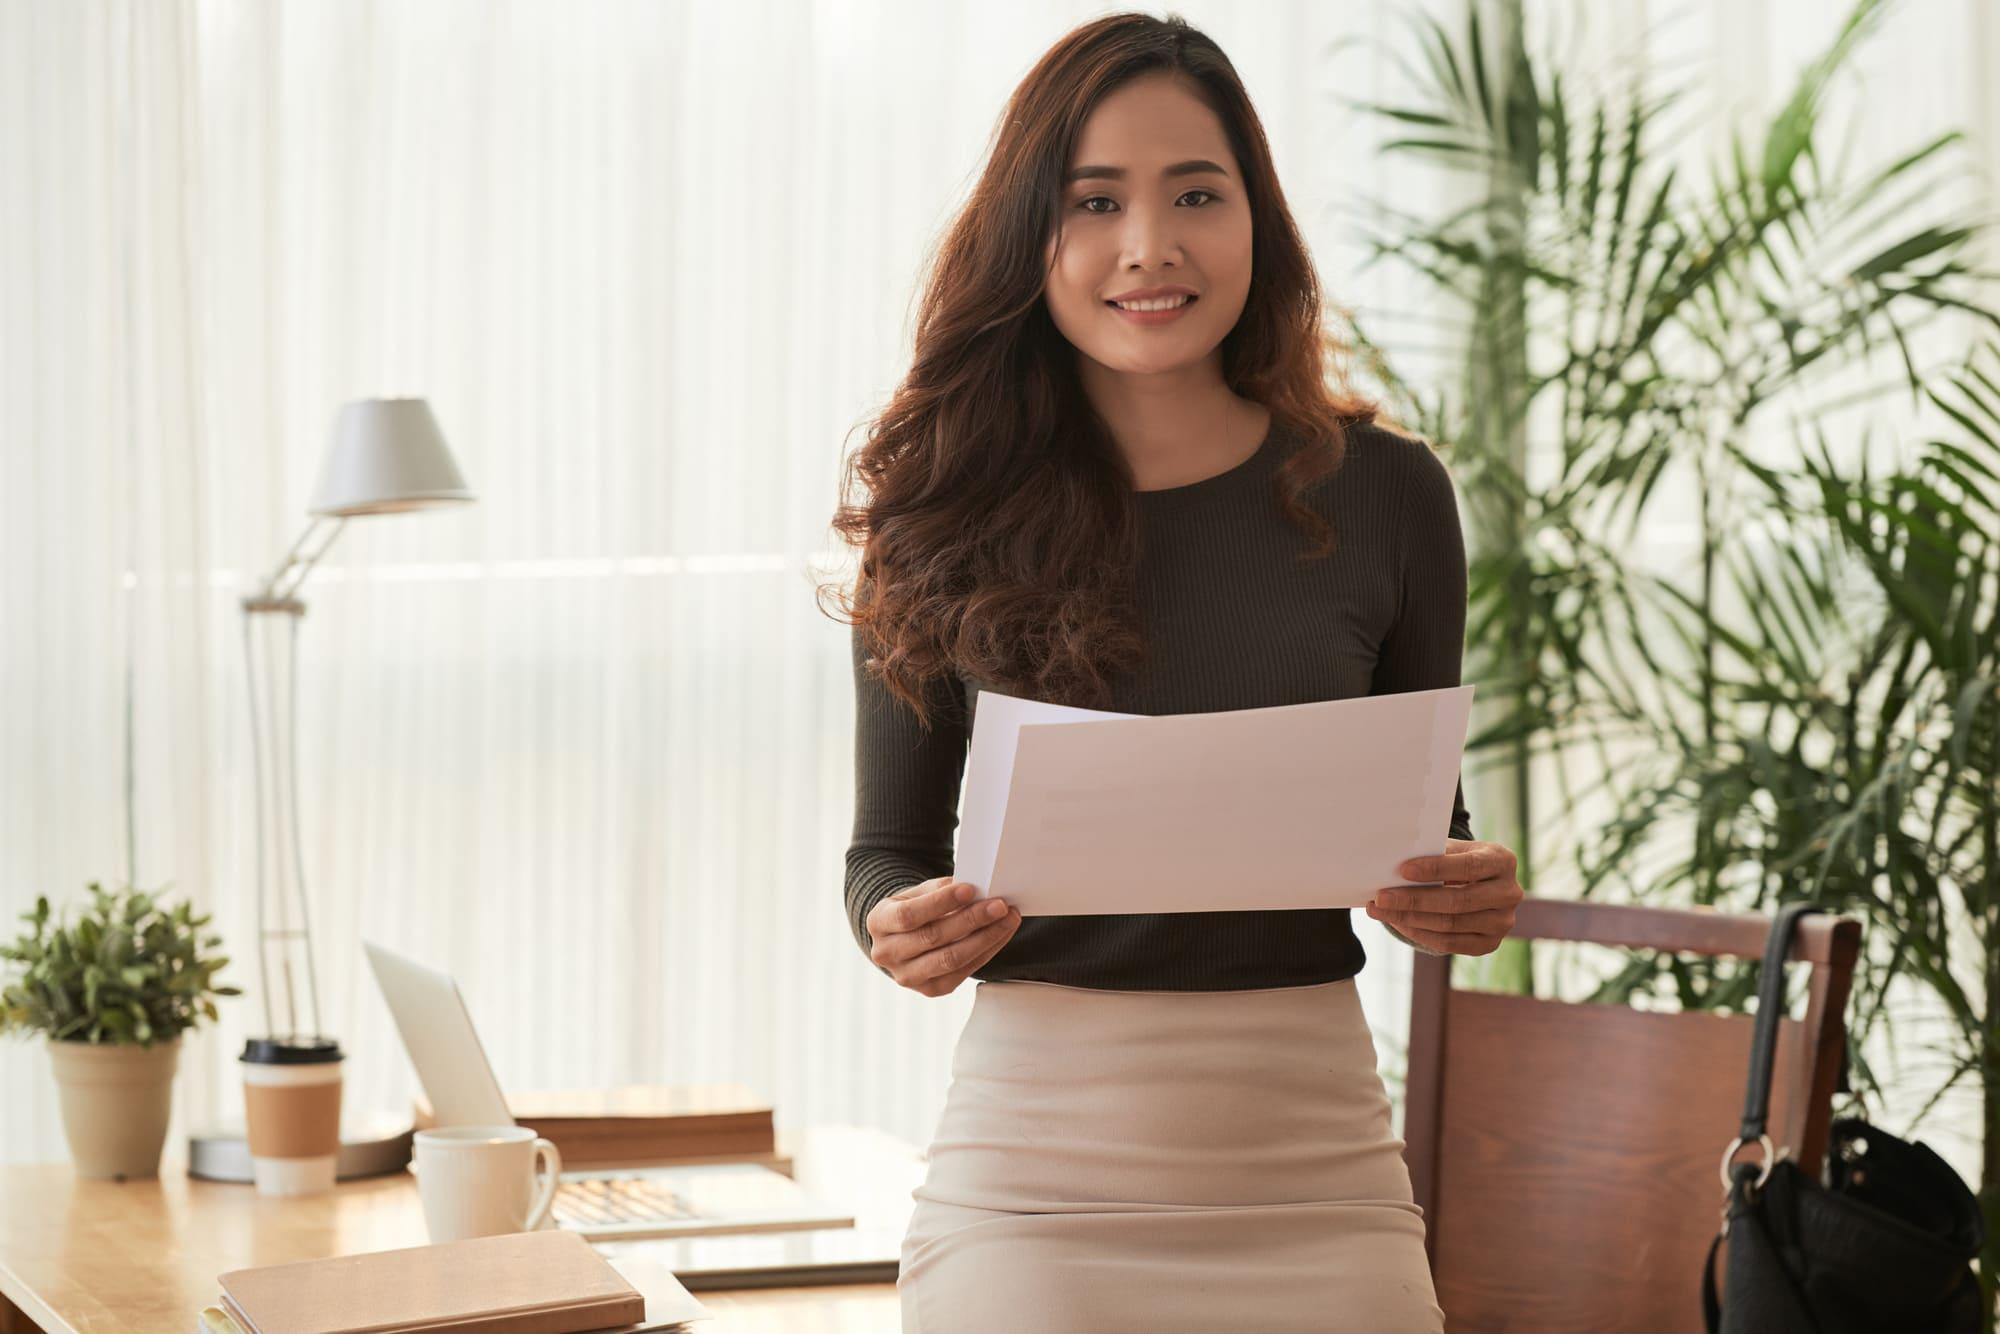 起業の手順と必要なものは?注意点とビジネスに役立つおすすめ法人カード3選も紹介